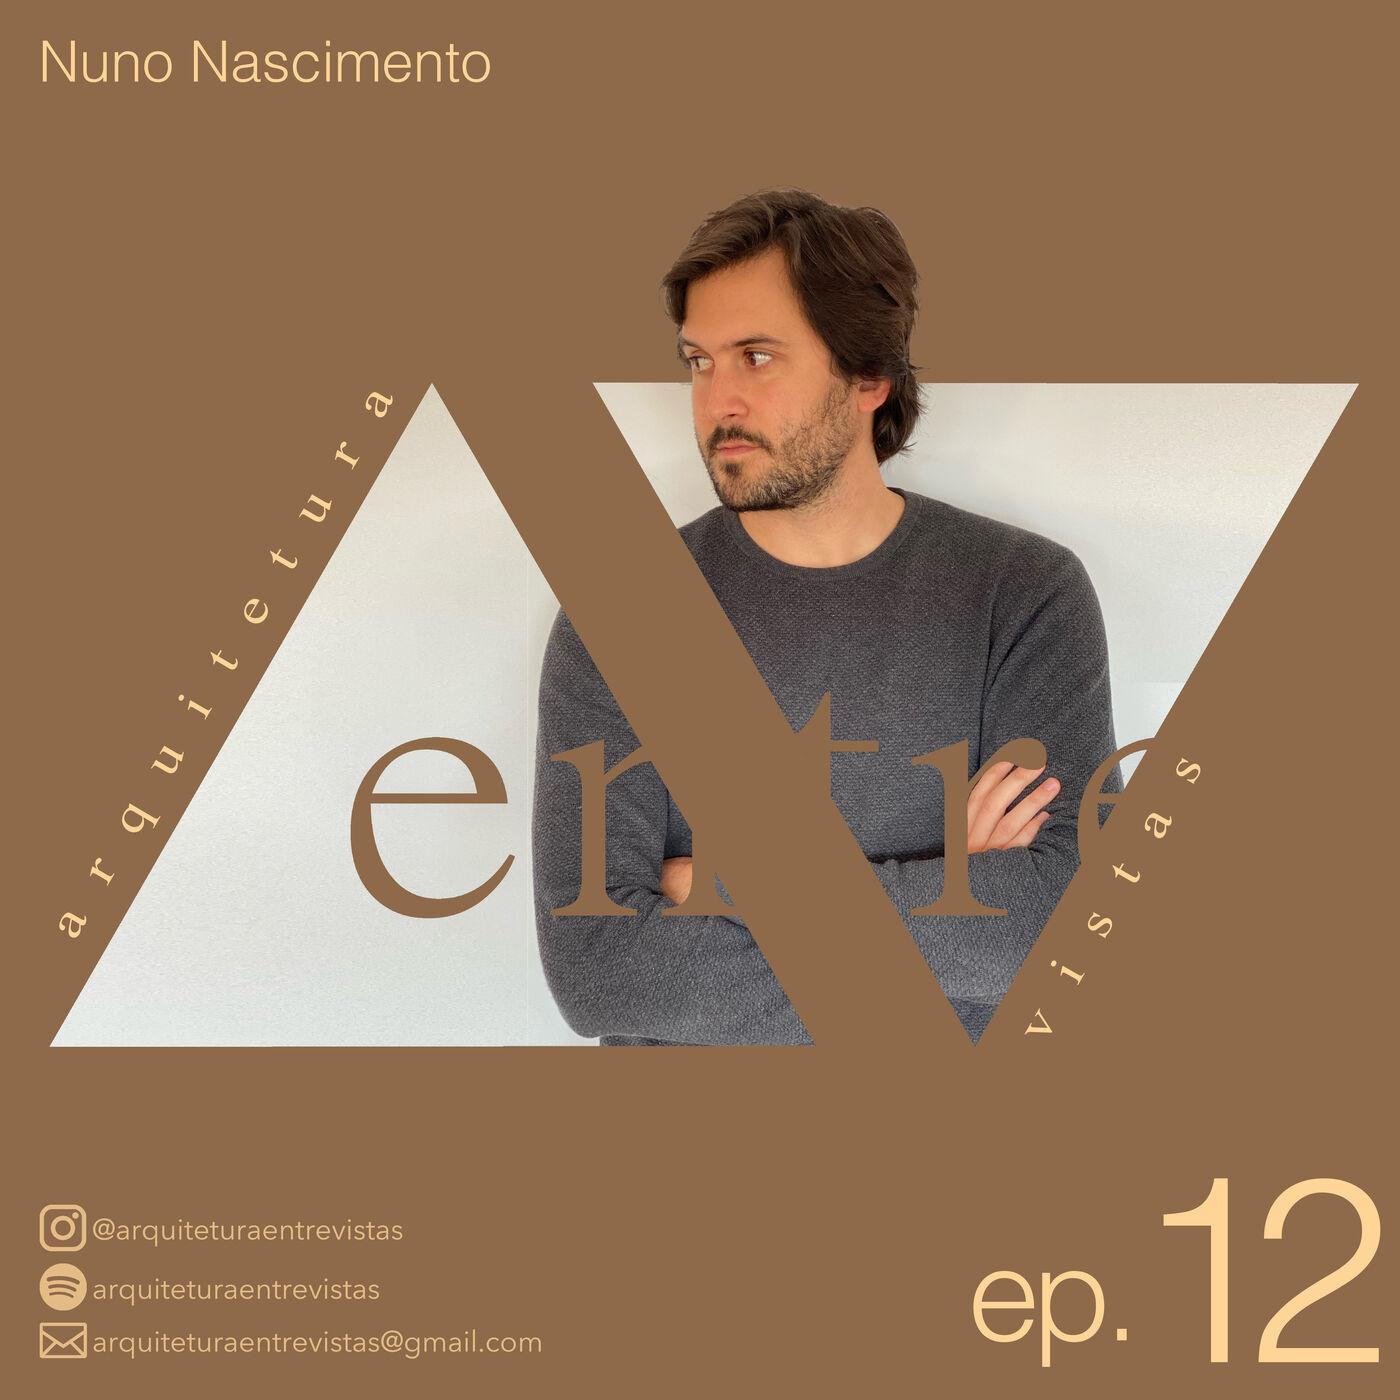 EP.12 Nuno Nascimento, Arquitetura Entre Vistas